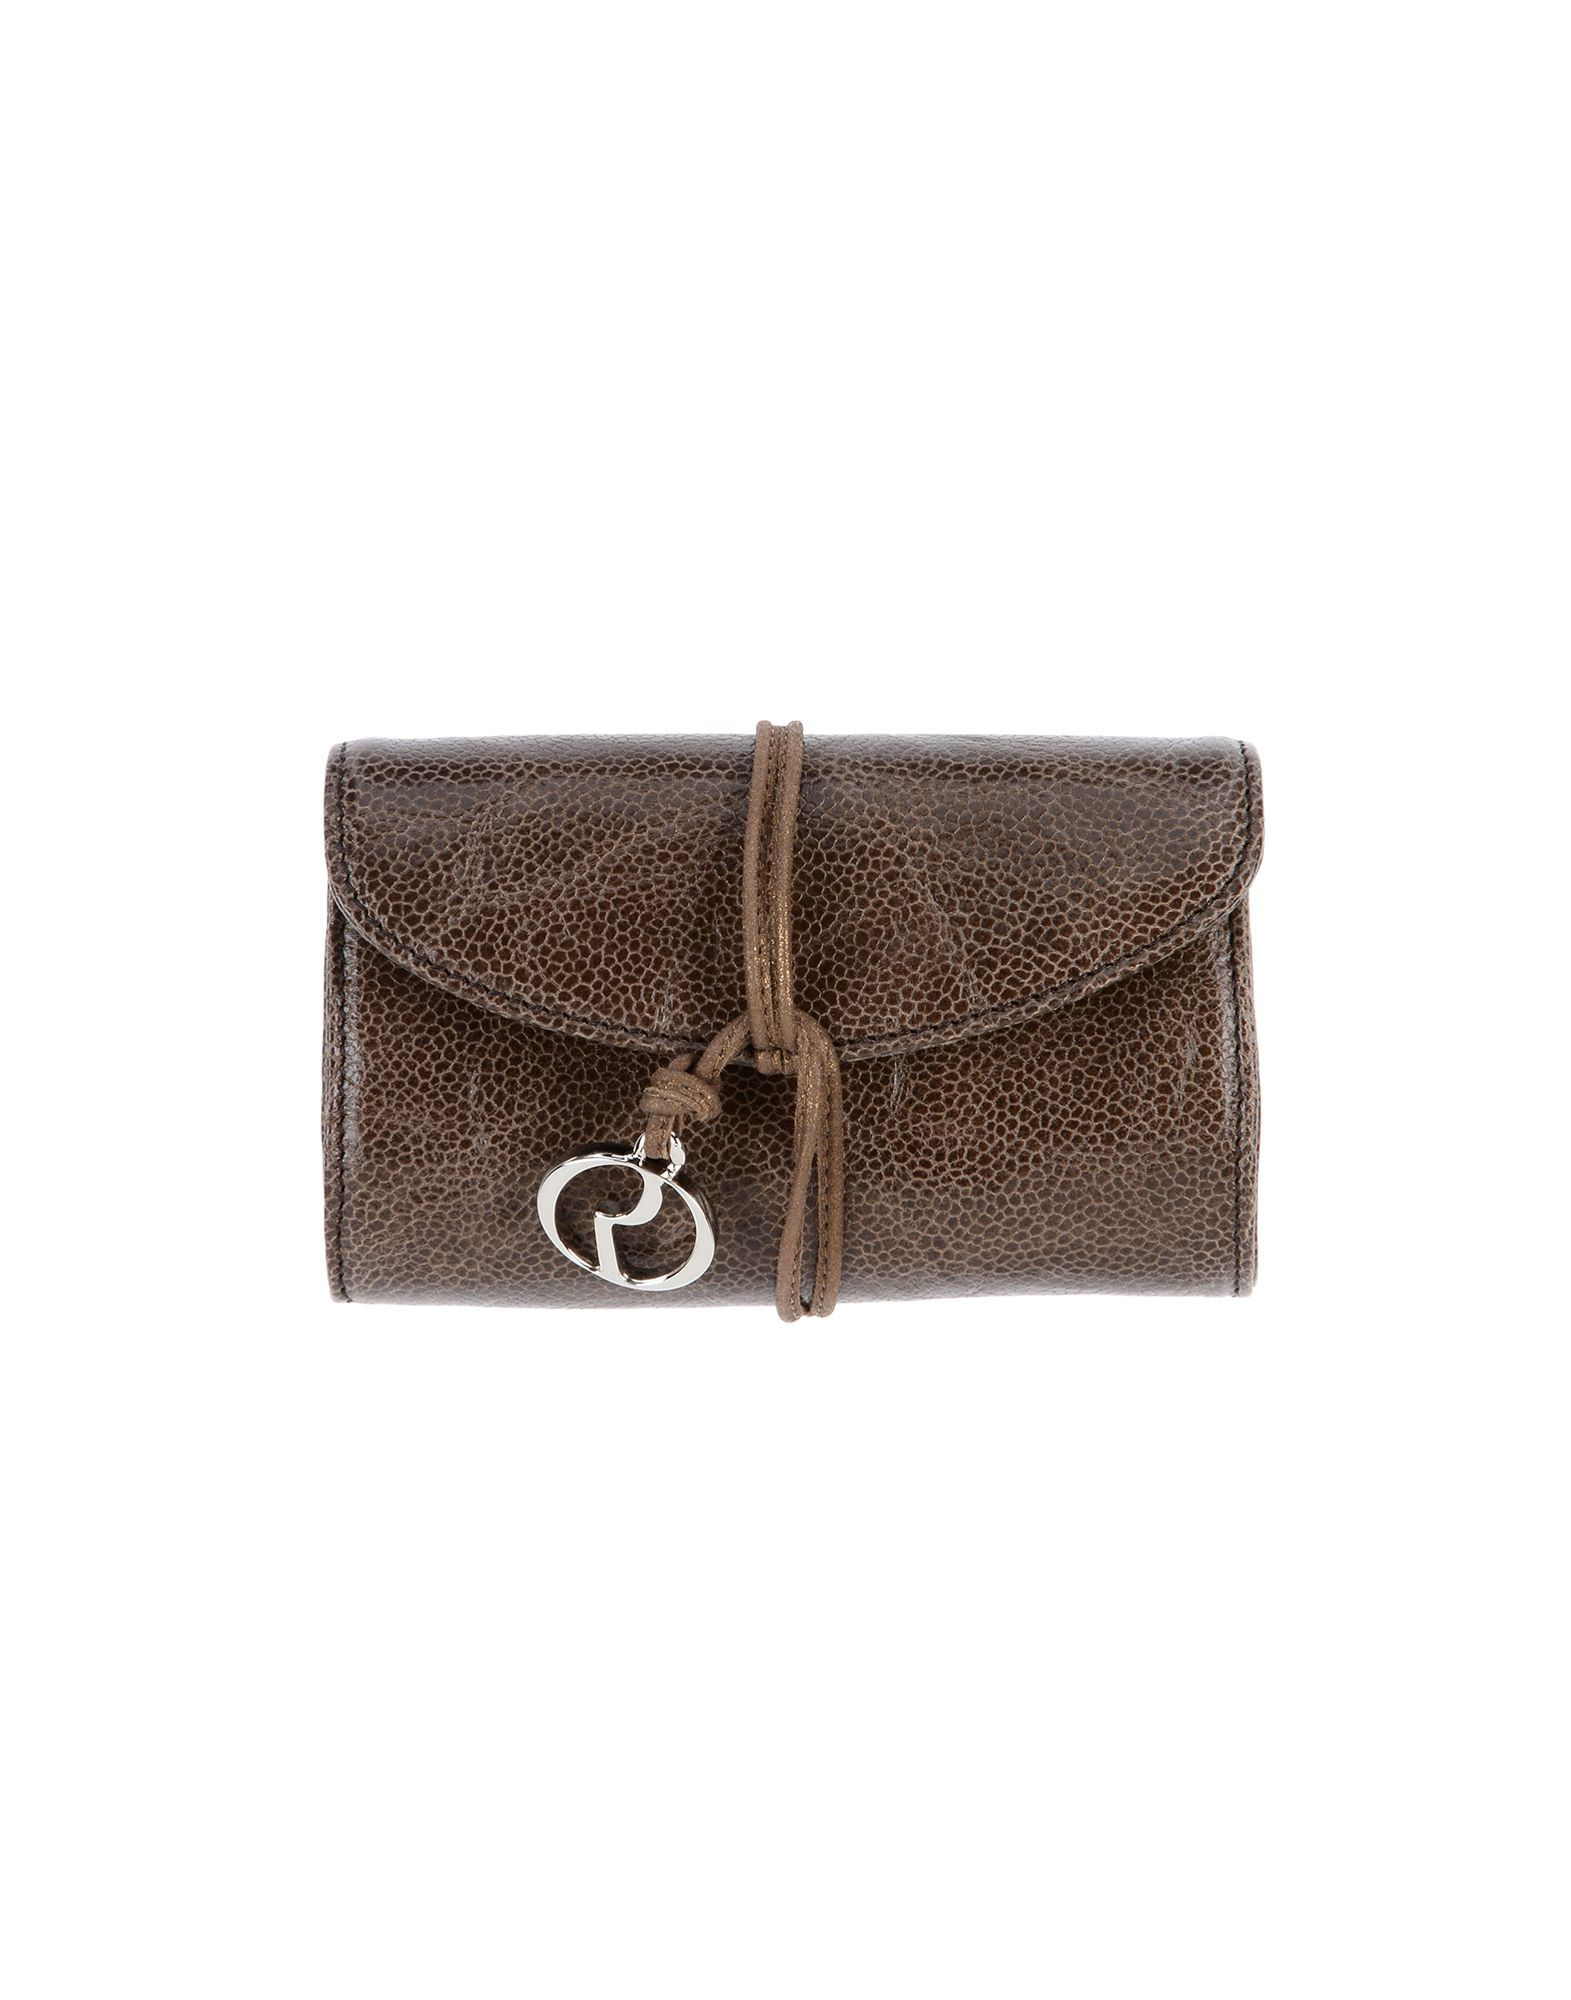 RODO Кошелек для монет горячие корейской леди женщины хобо кожа pu посланника плеча сумки totes кошелек